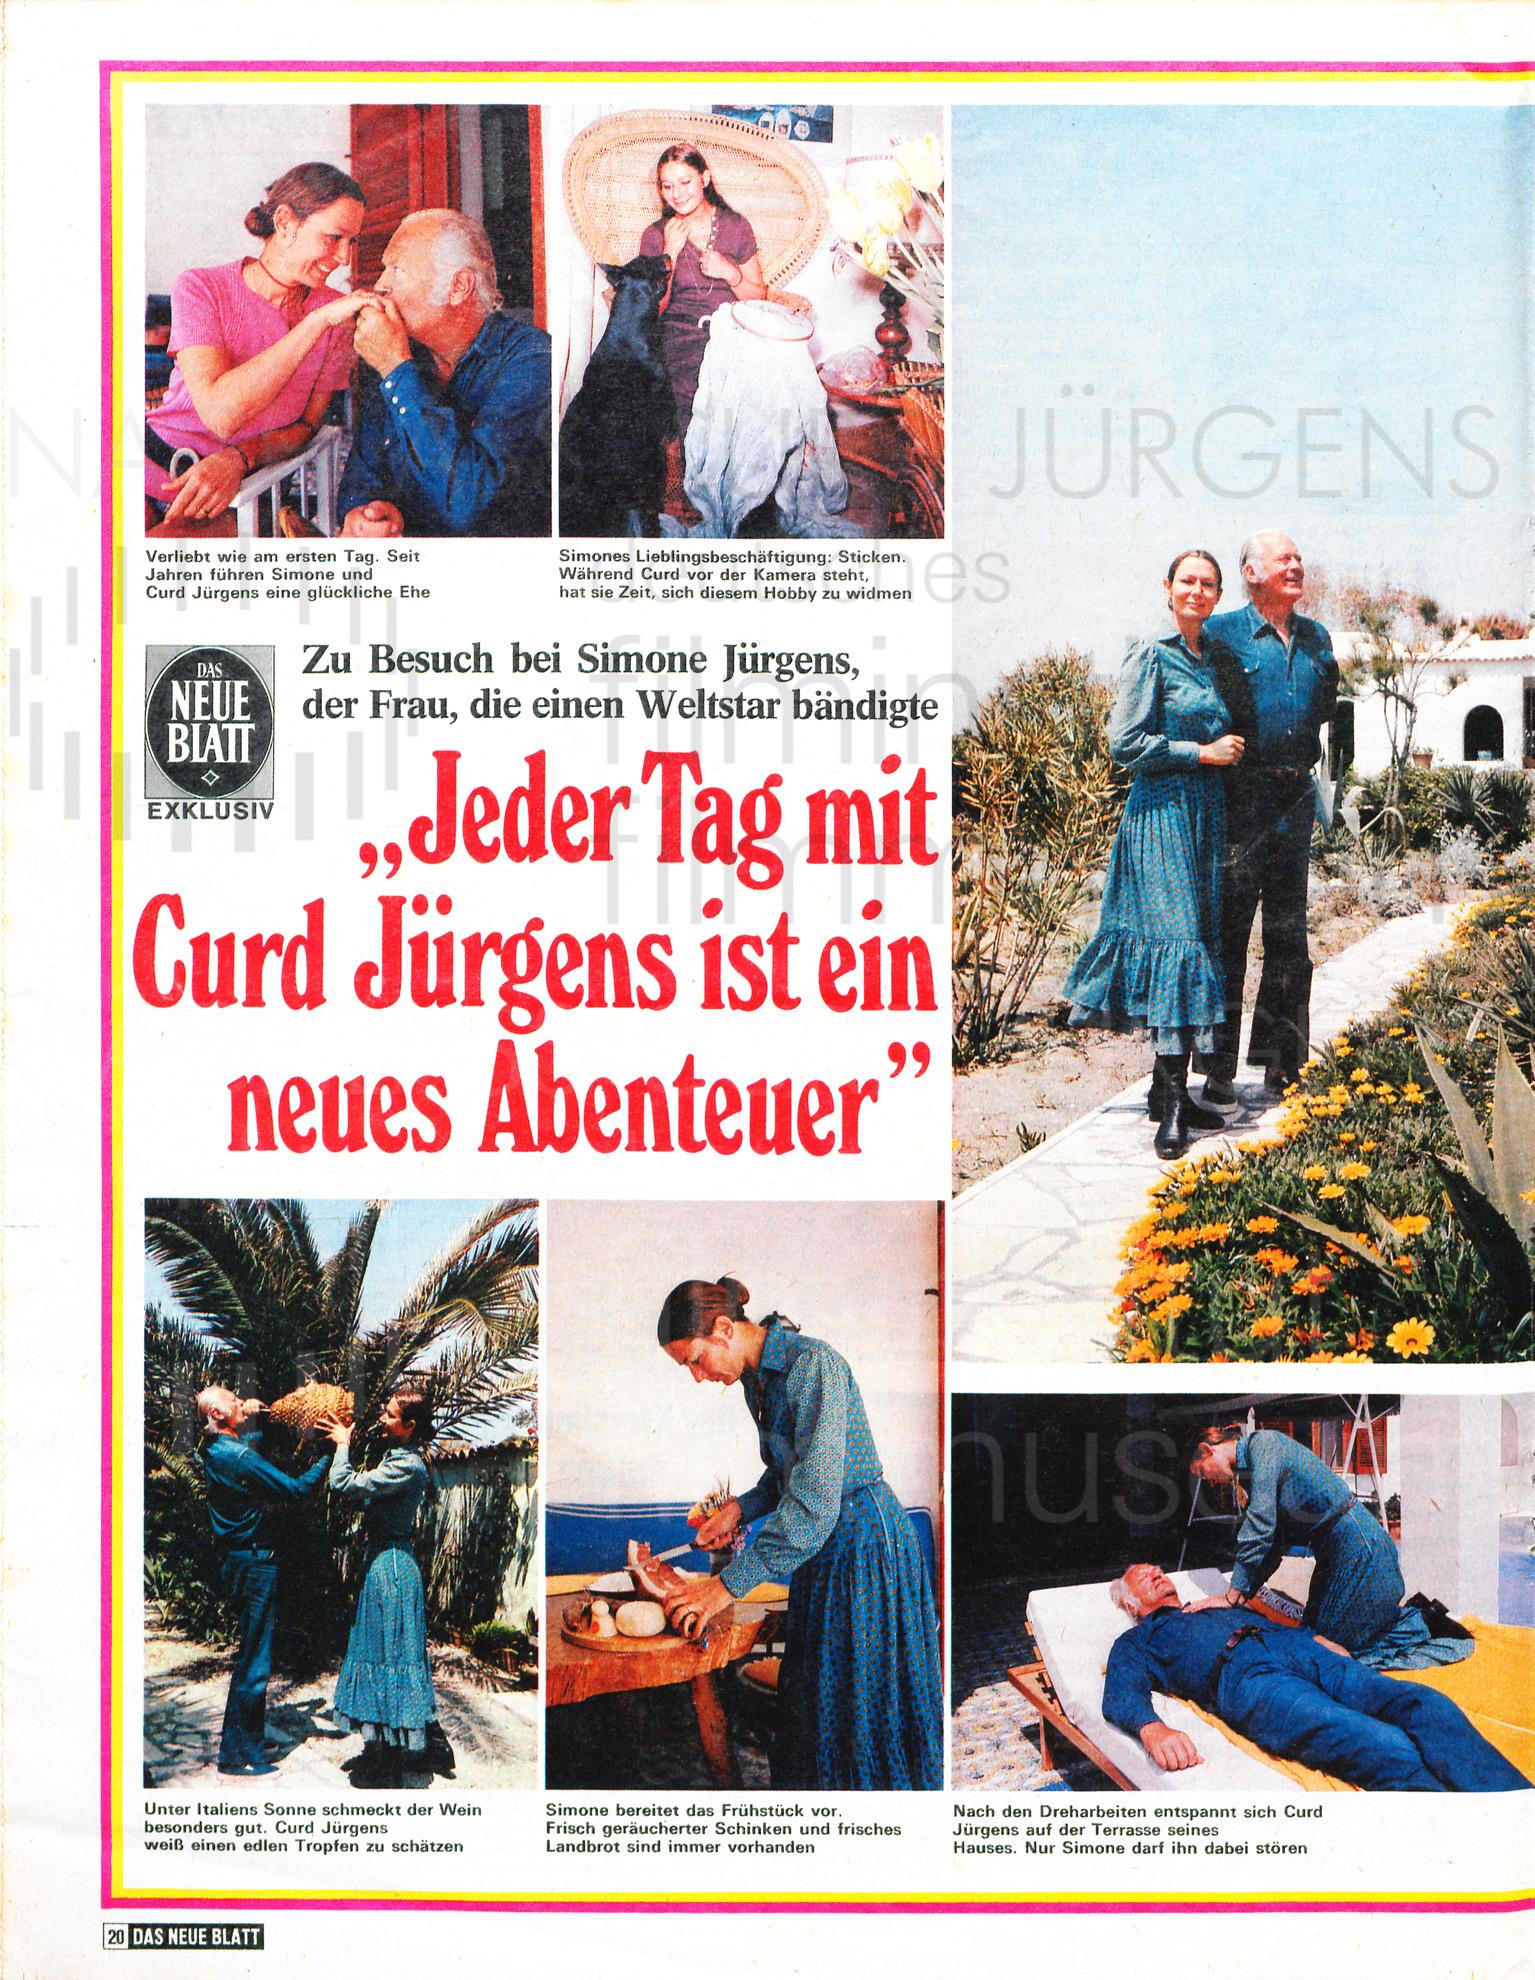 """DAS NEUE BLATT: """"Jeder Tag mit Curd Jürgens ist ein neues Abenteuer"""", 19.6.1971"""